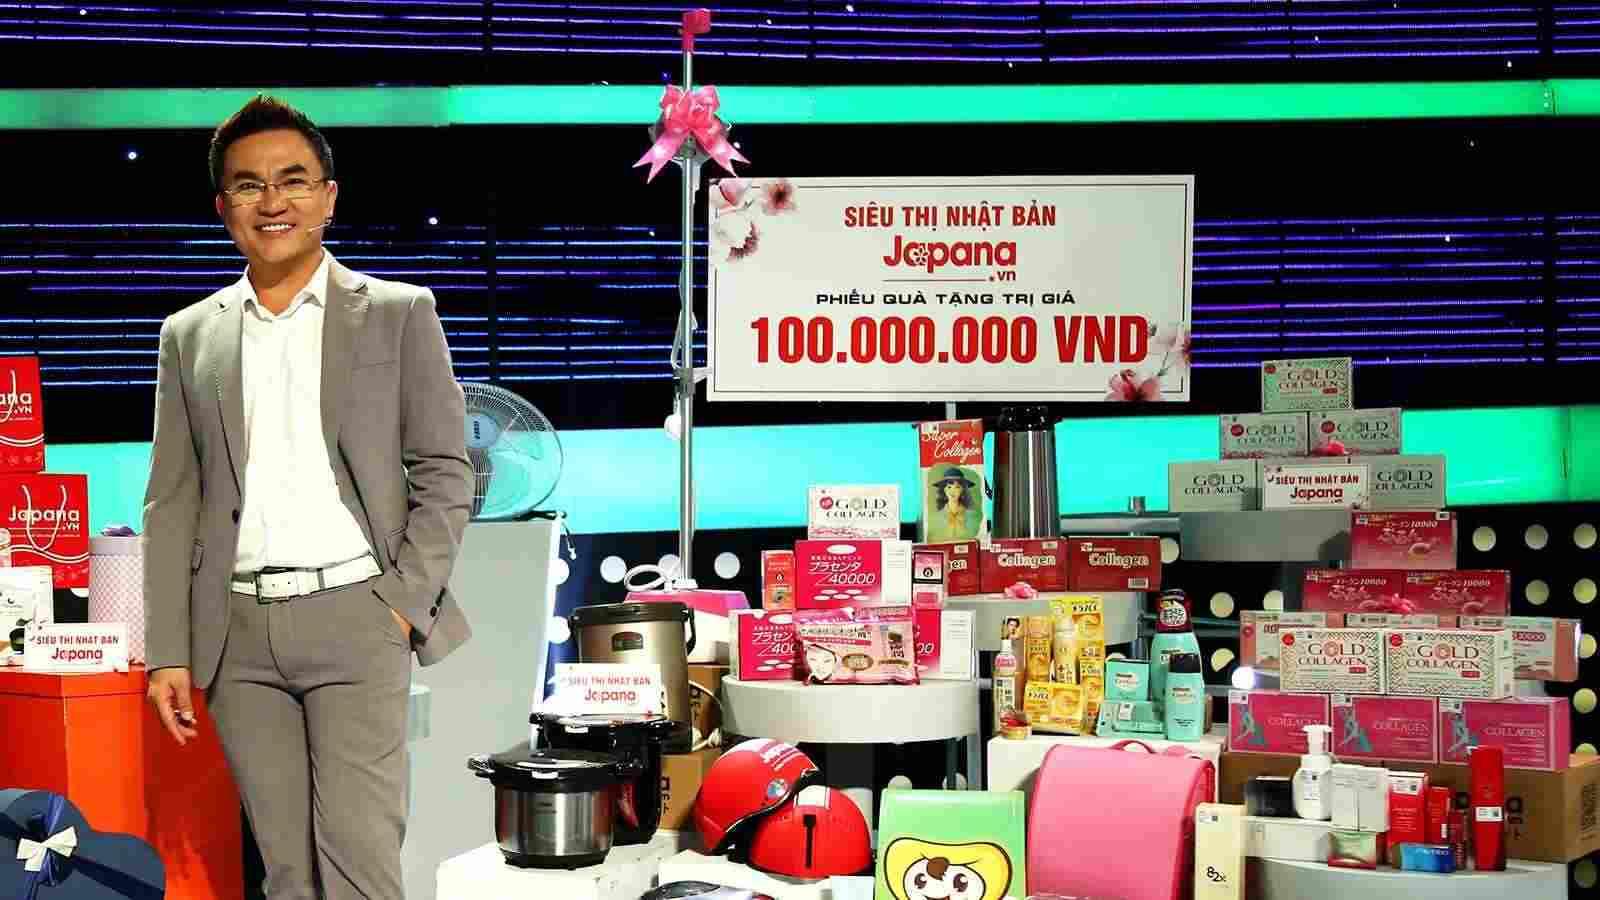 Diễn viên hài Gia Bảo và Minh Dự đã luôn tin dùng sản phẩm của Siêu Thị Nhật Bản Japana